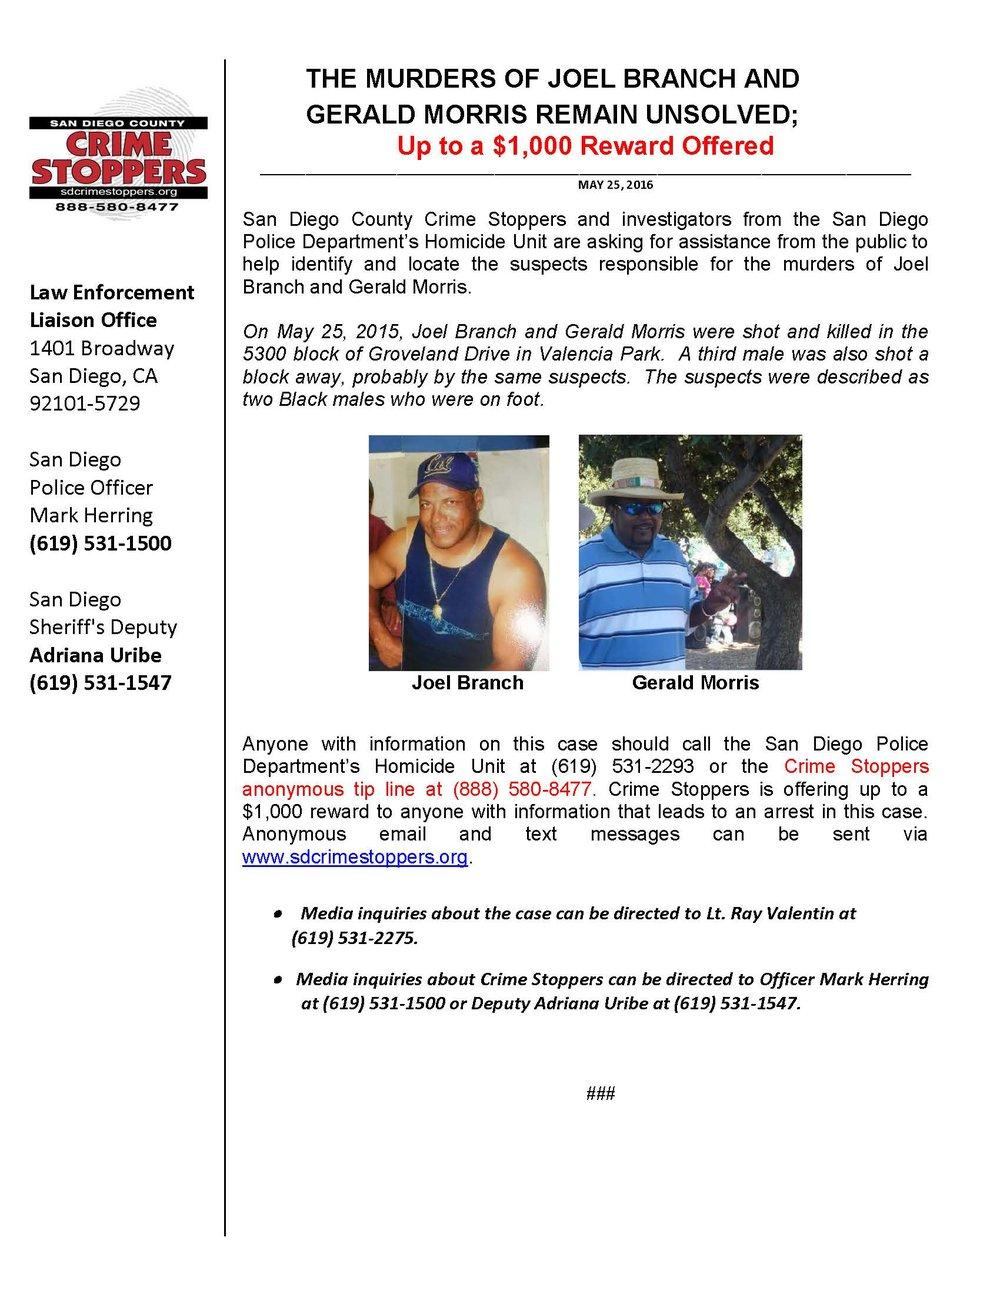 052516 Branch-Morris Homicide